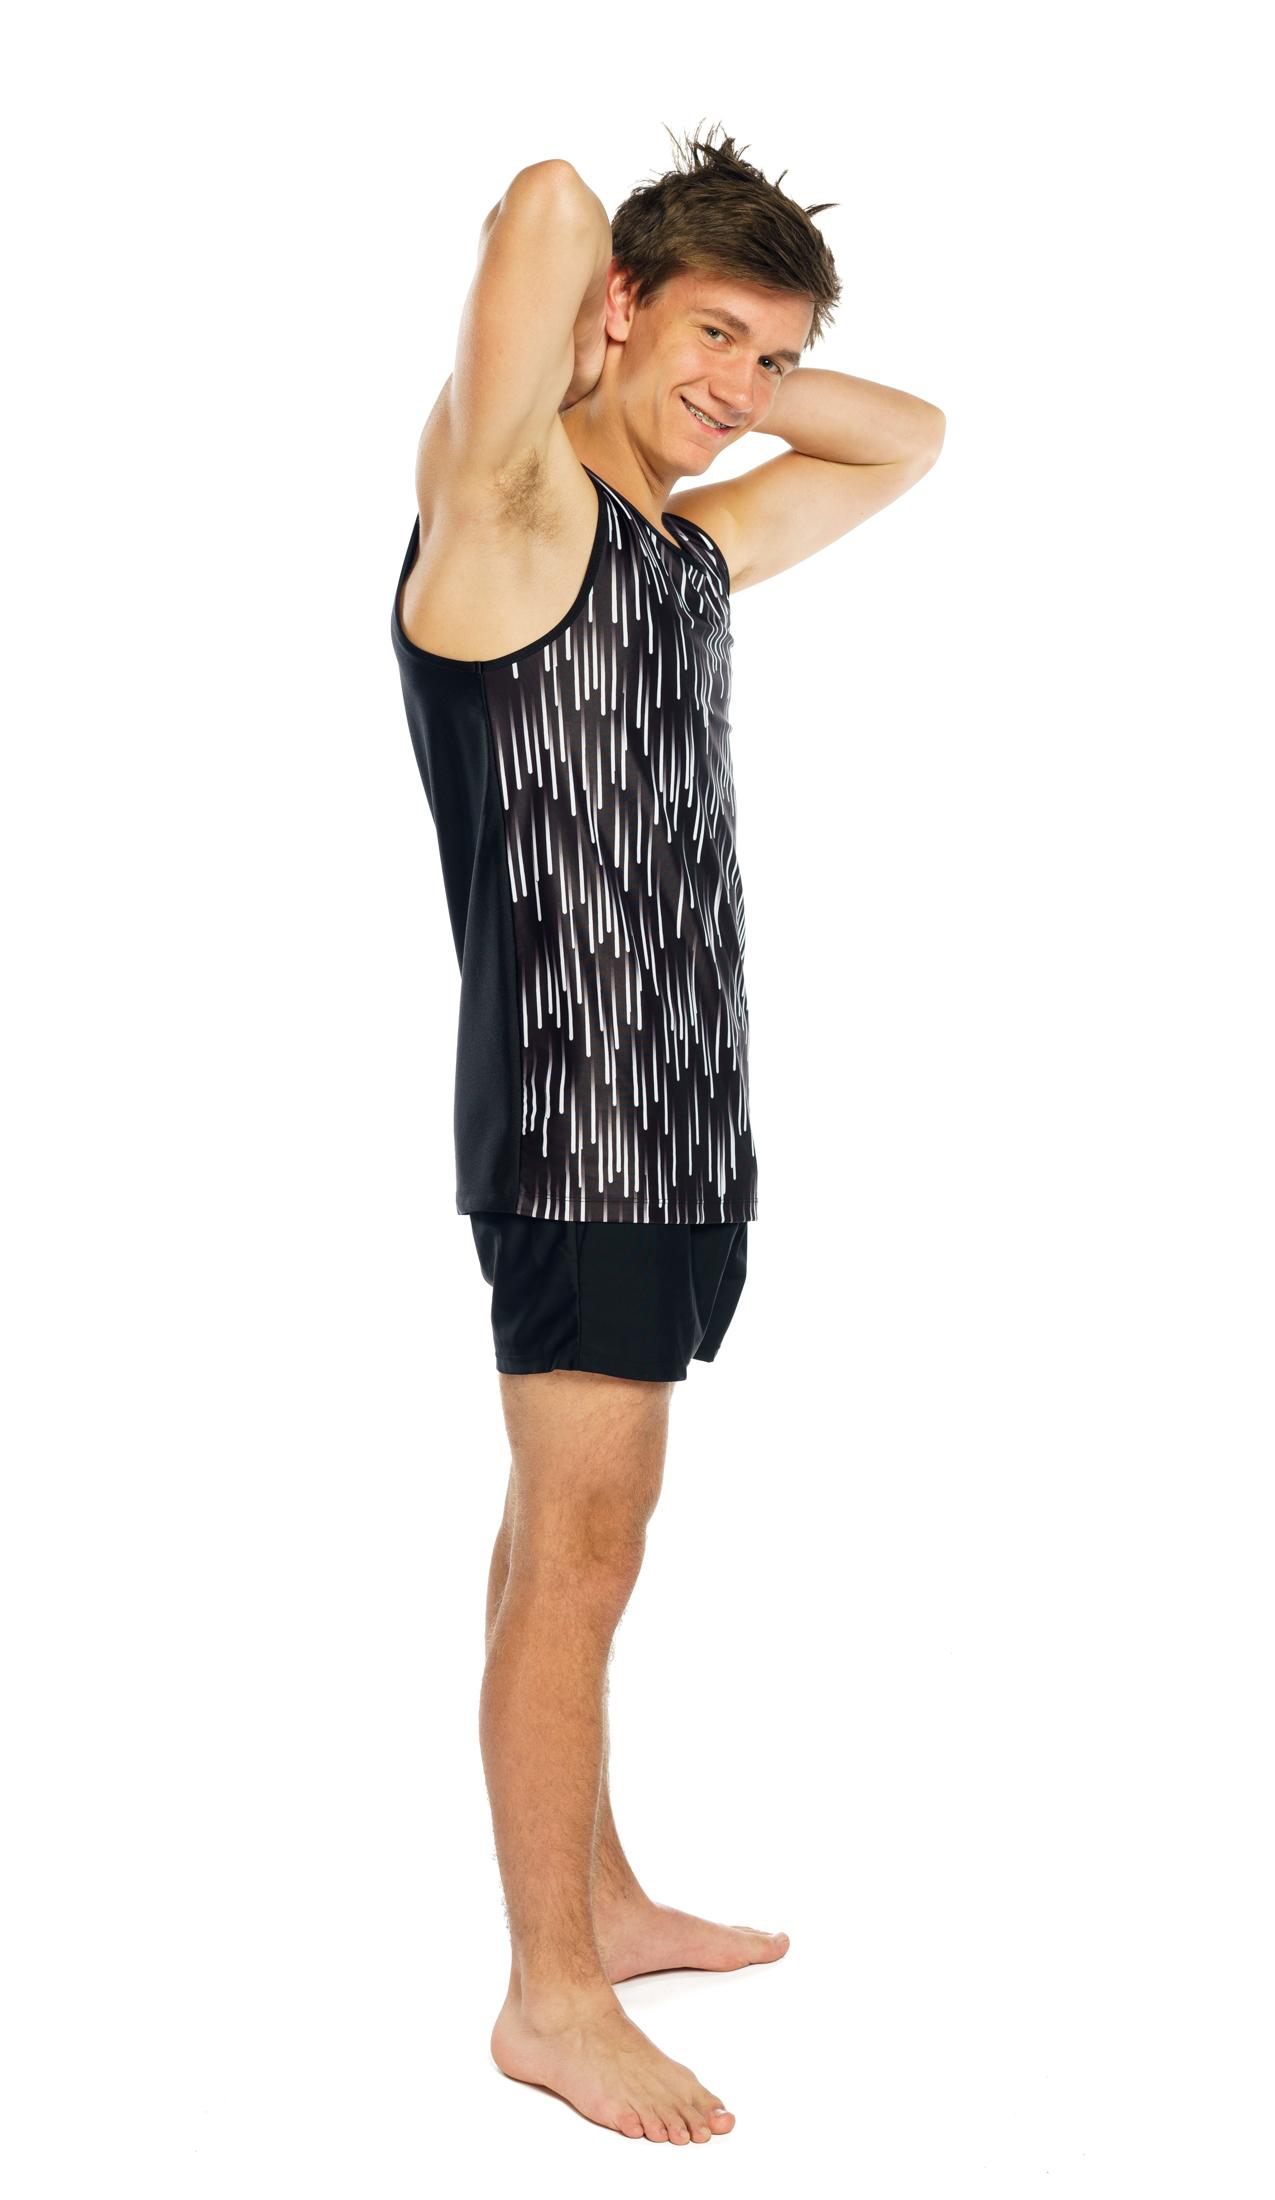 c1126945ff57 ... tutu og kjoler til gymnastik i mange søde modeller og farver. Køb  gymnastiktøj til piger til gode priser online. Besøg vores gymnastikbutik  v. Aarhus